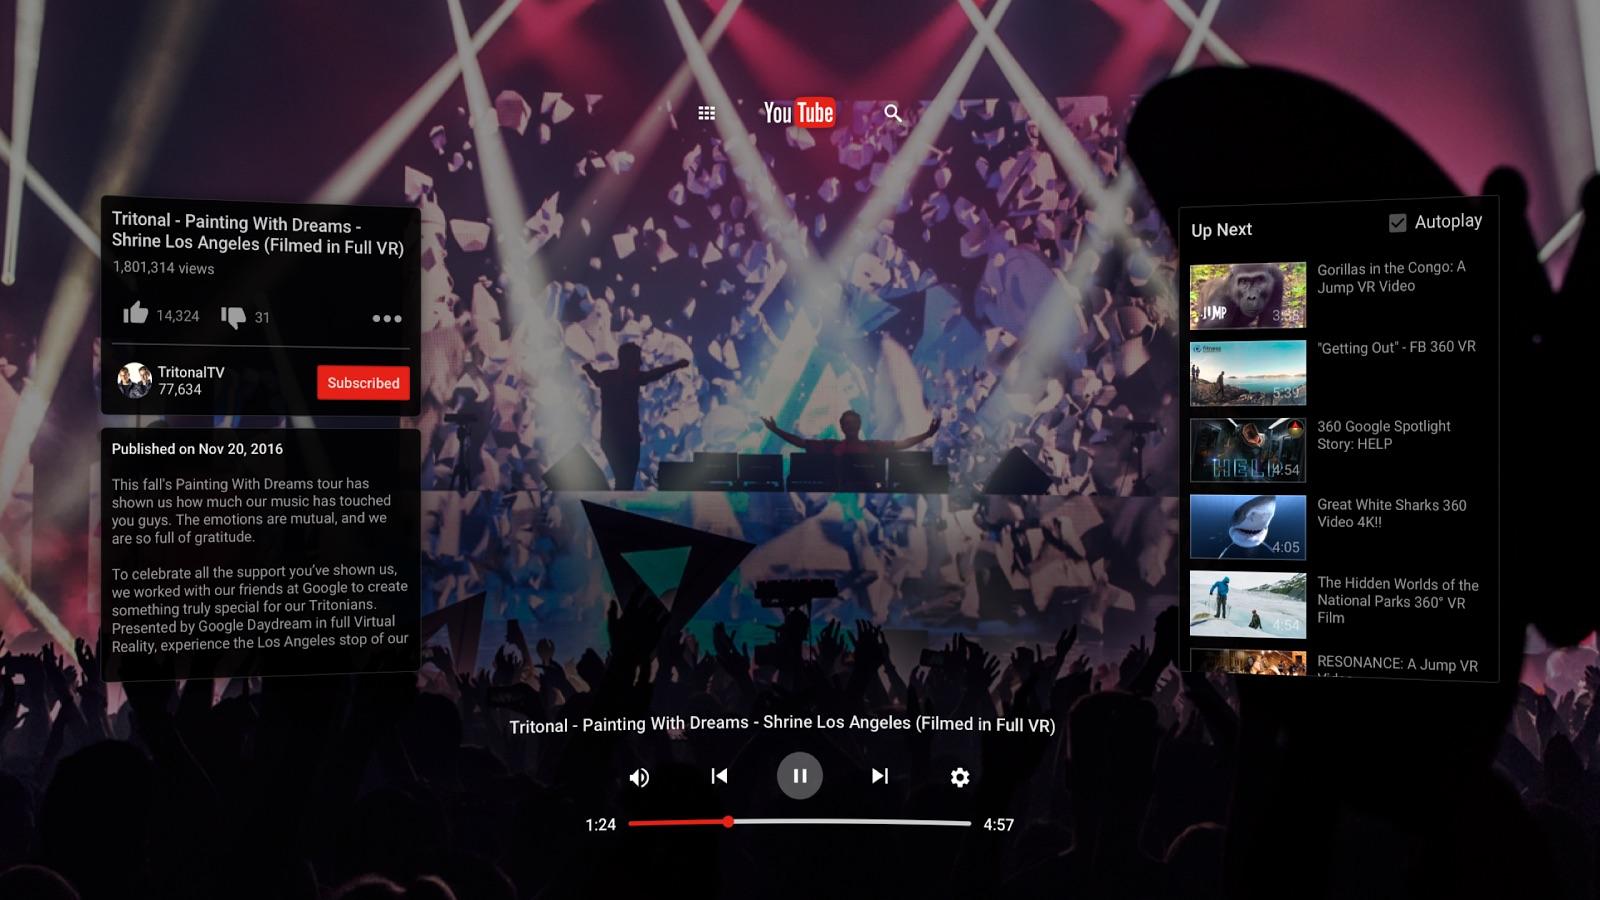 Wirtualna rzeczywistość od Google trafia na YouTube'a. Oto nowa aplikacja YouTube VR